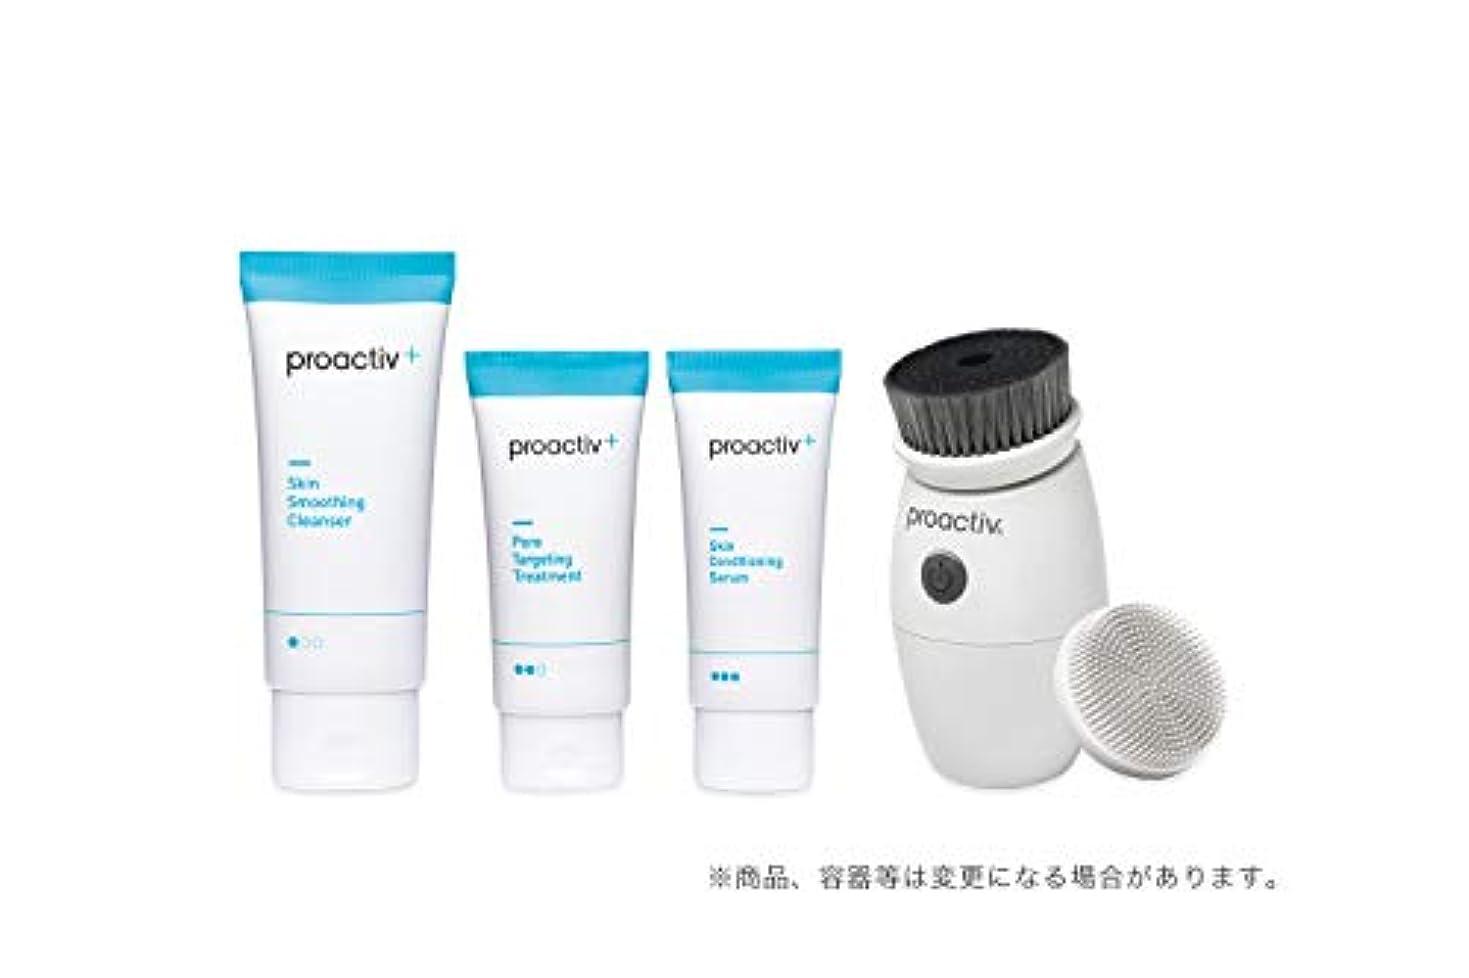 パリティ受信バックプロアクティブ+ Proactiv+ 薬用3ステップセット (30日セット) ポアクレンジング電動洗顔ブラシ(シリコンブラシ付) プレゼント 公式ガイド付